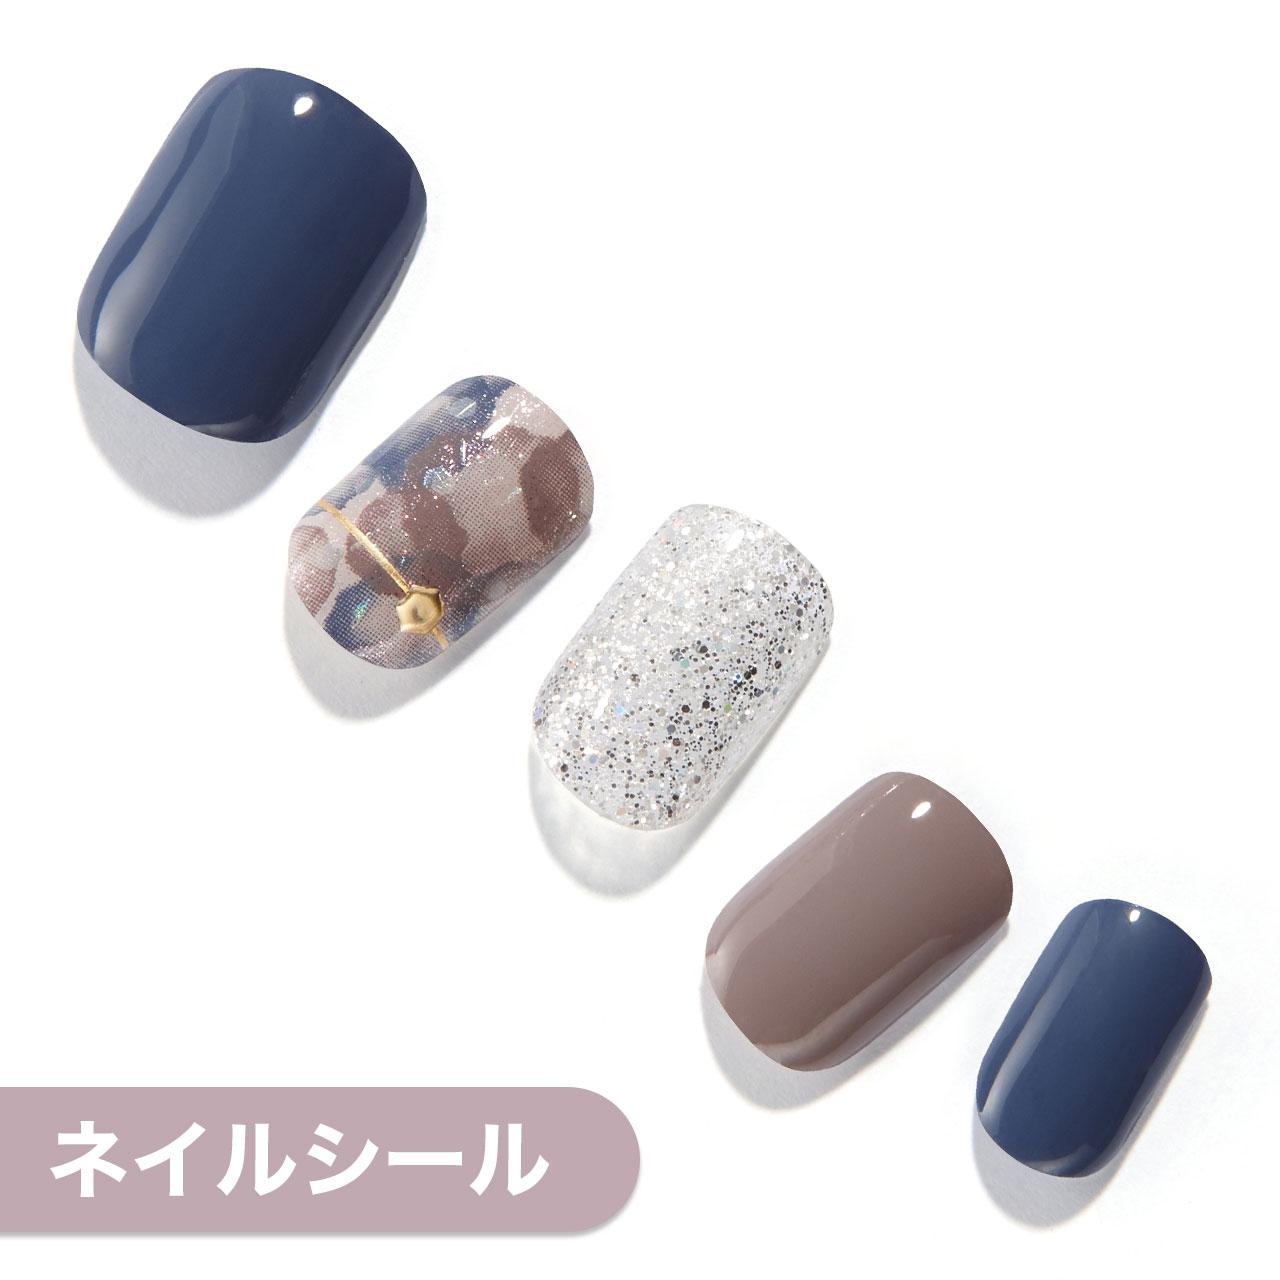 【Pearl Button】ダッシングディバグロスジェルネイルシール